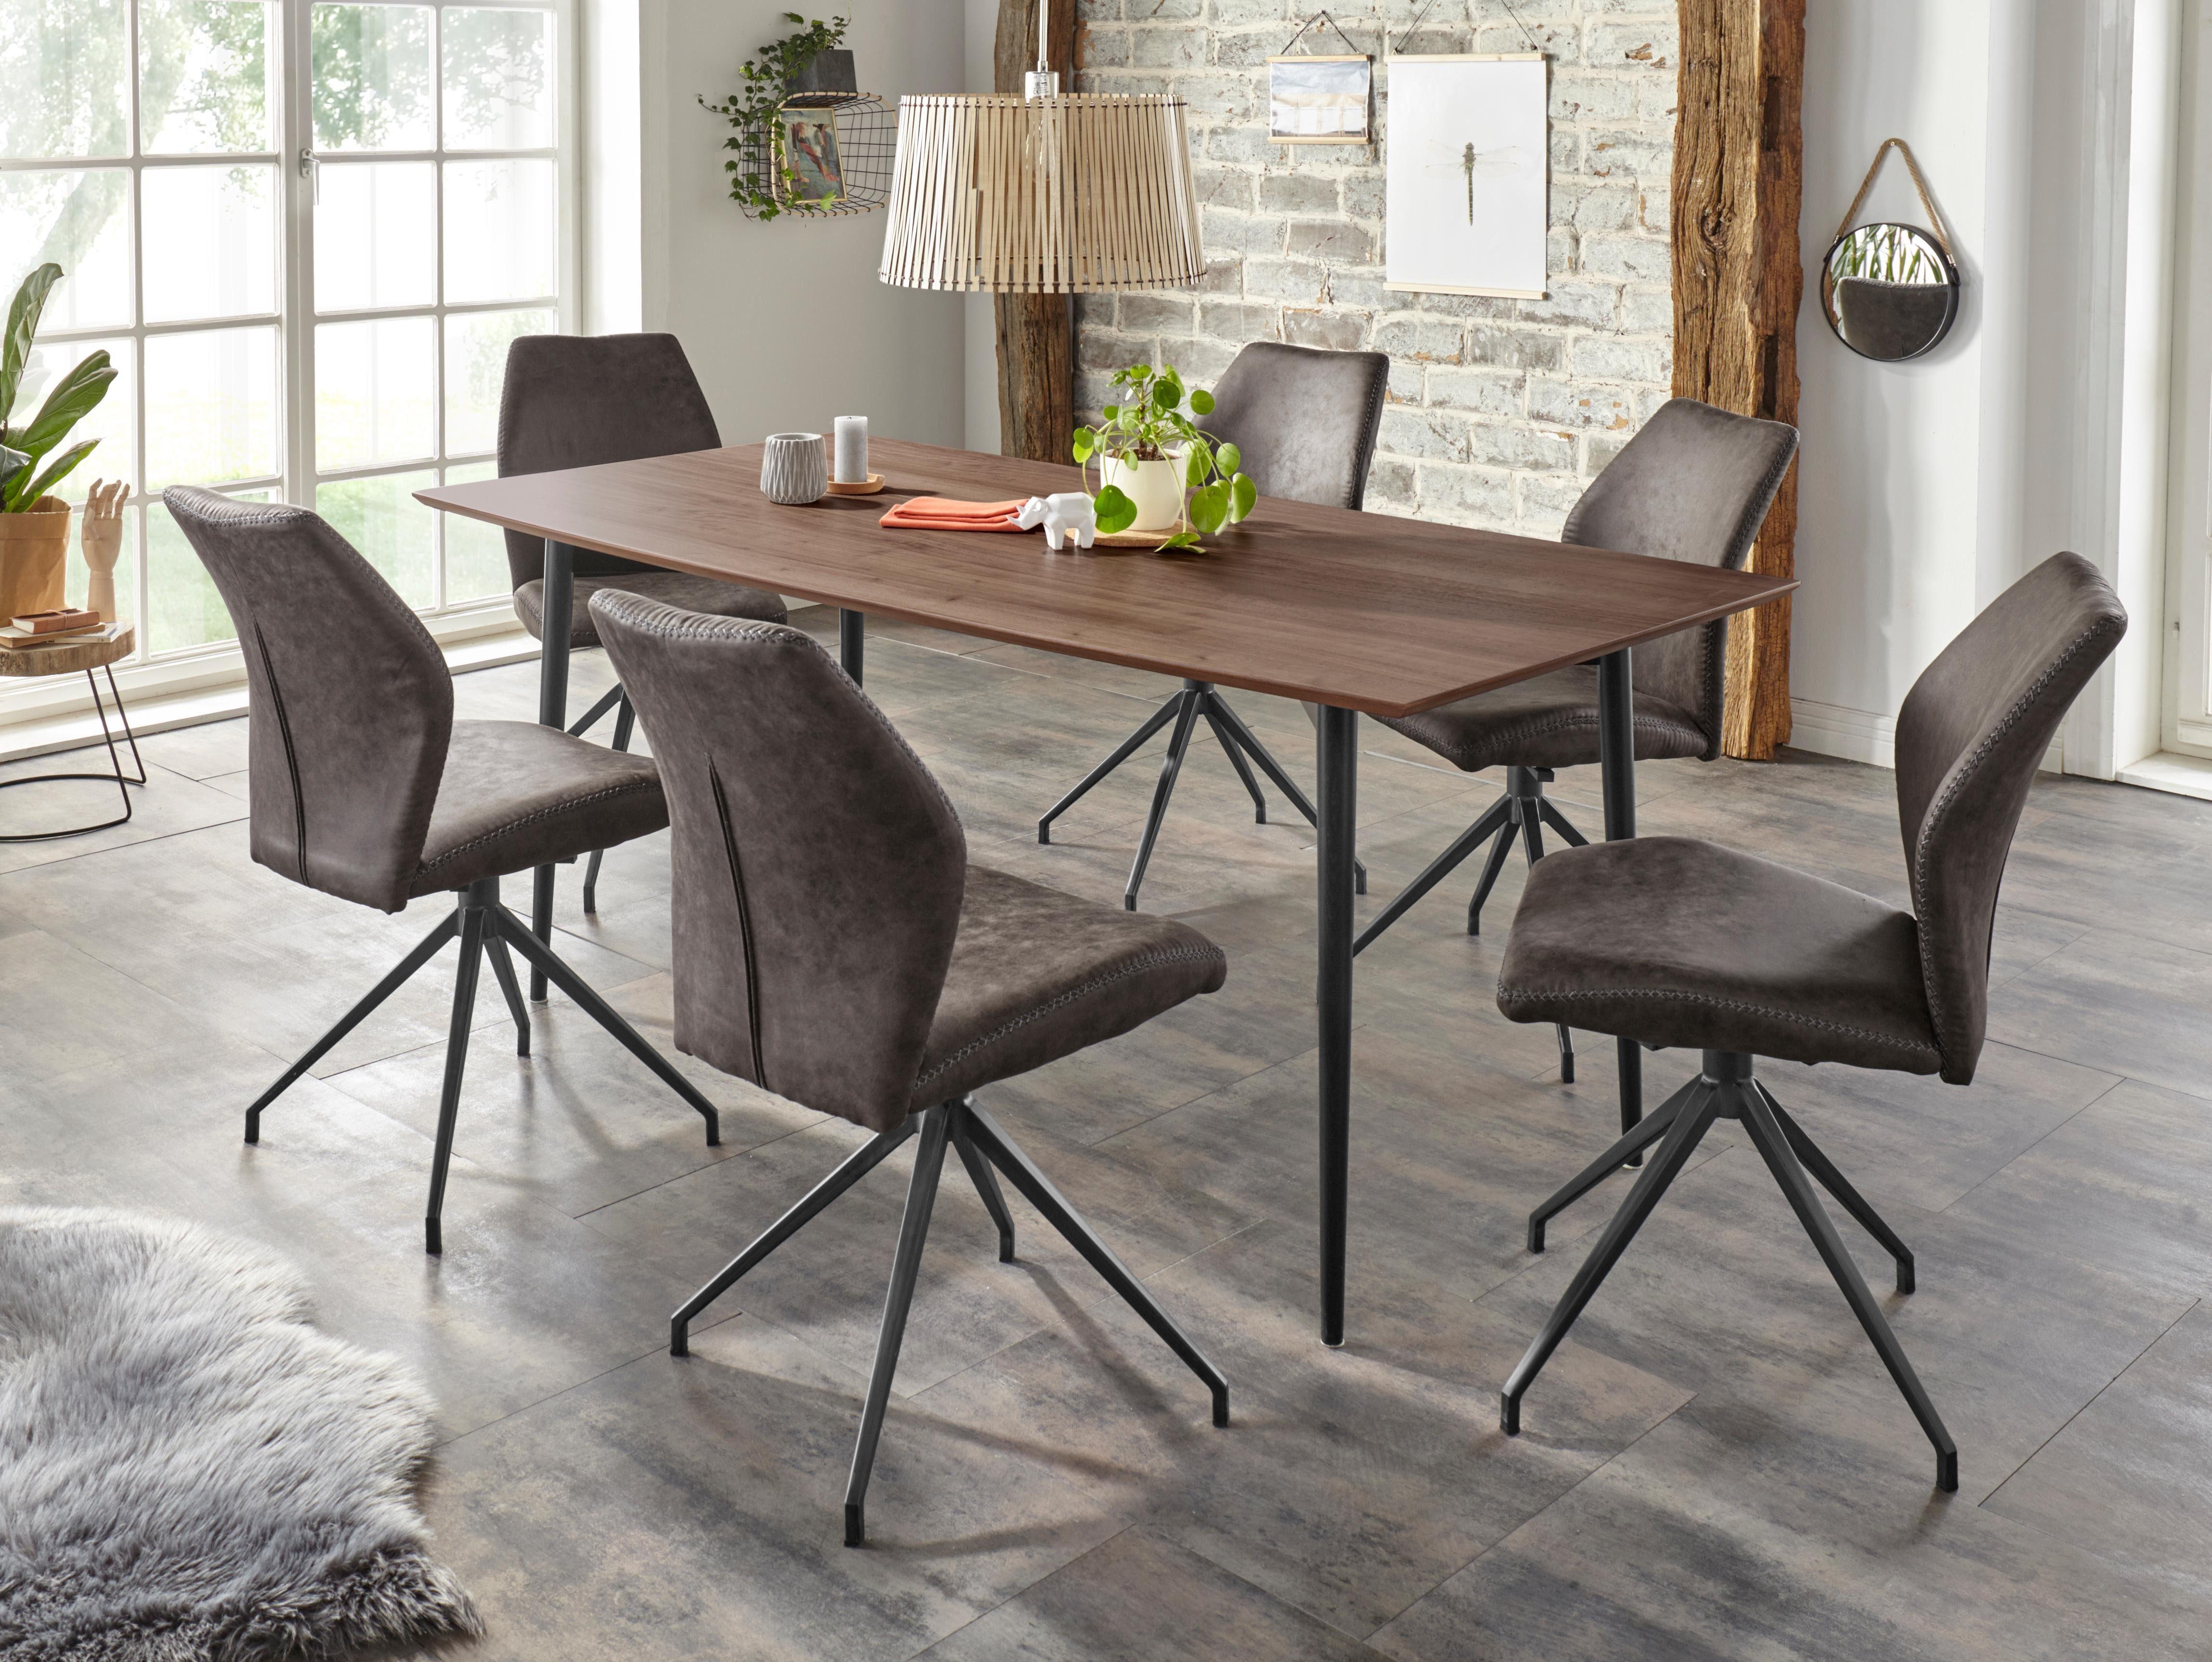 Home affaire Esstisch »Nerri«, mit schönem schwarzem Metallgestell und dunkler walnussfarbenen Tischplatte, Breite 180 cm